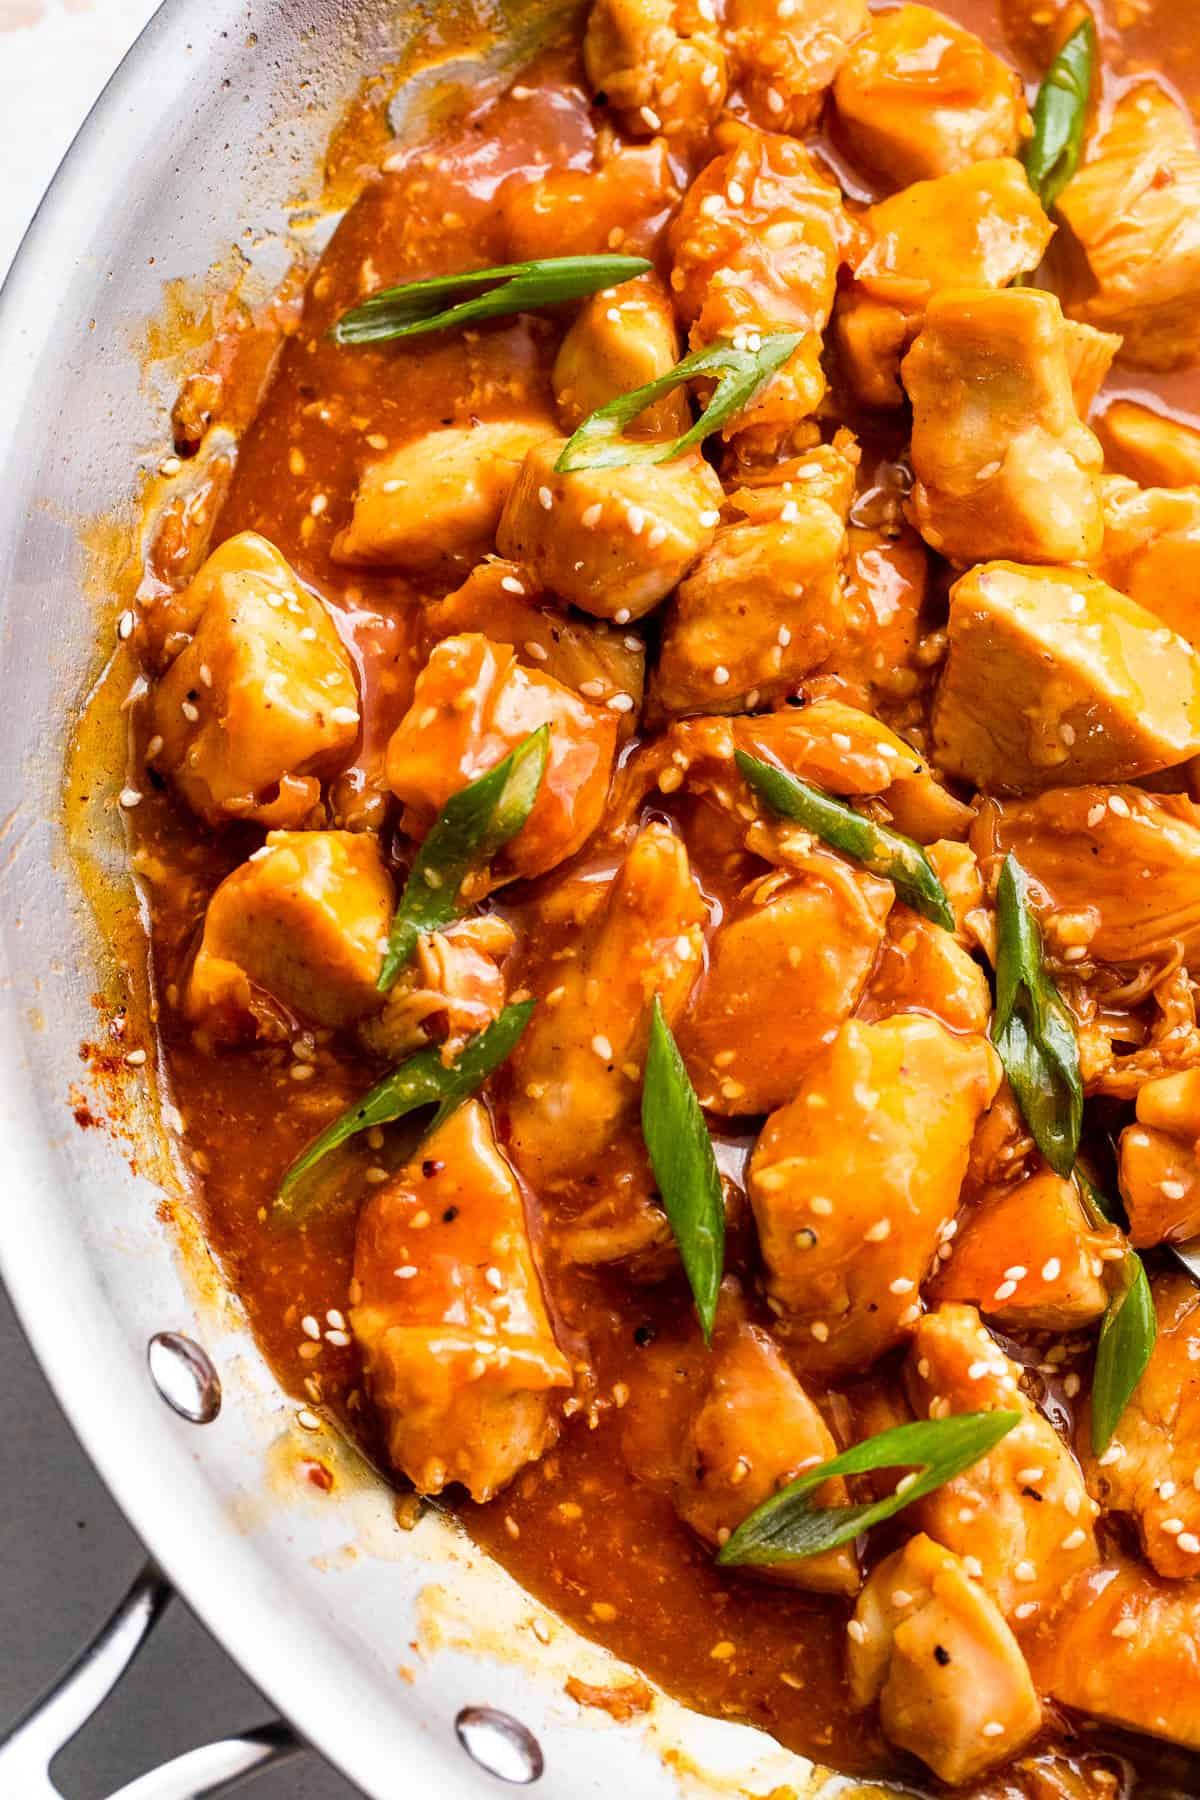 cooking chicken bites in orange sauce